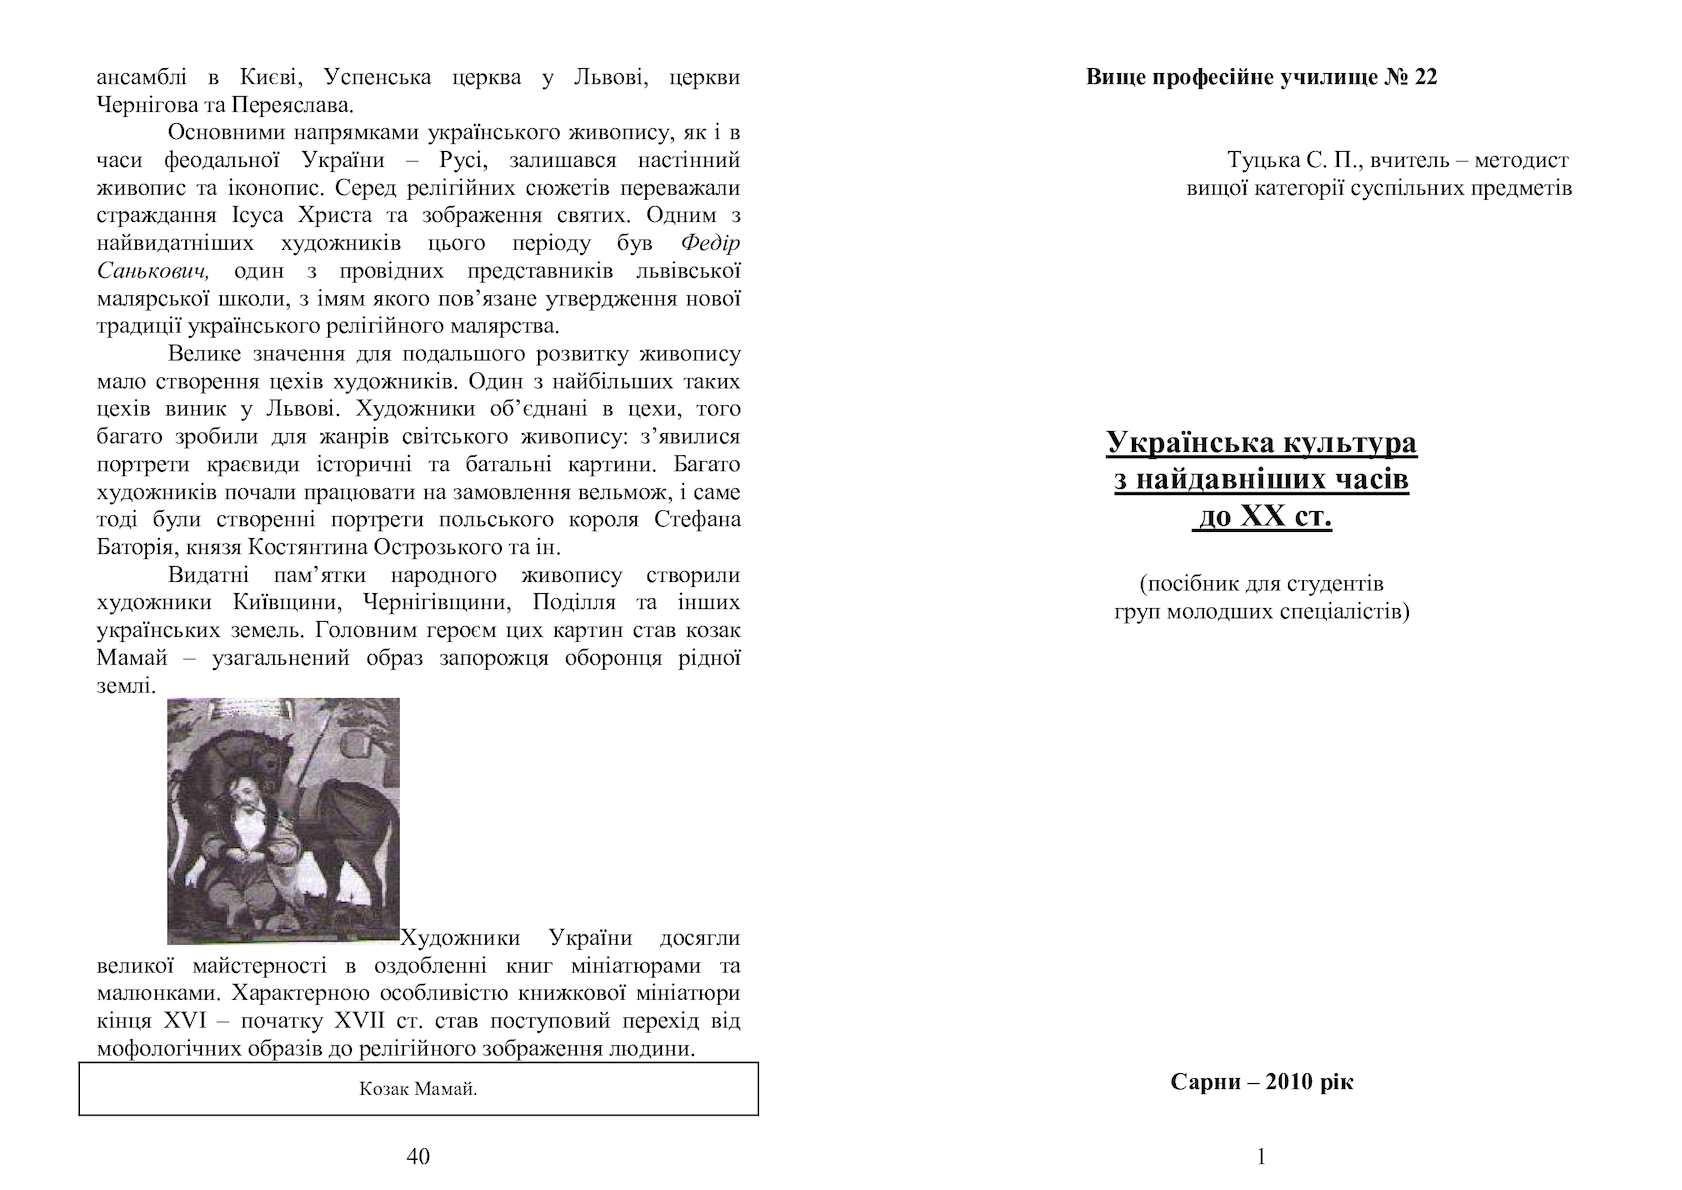 Calaméo - Туцька С.П. Культура України з найдавніших часів до 20 ст 66293f30a6990